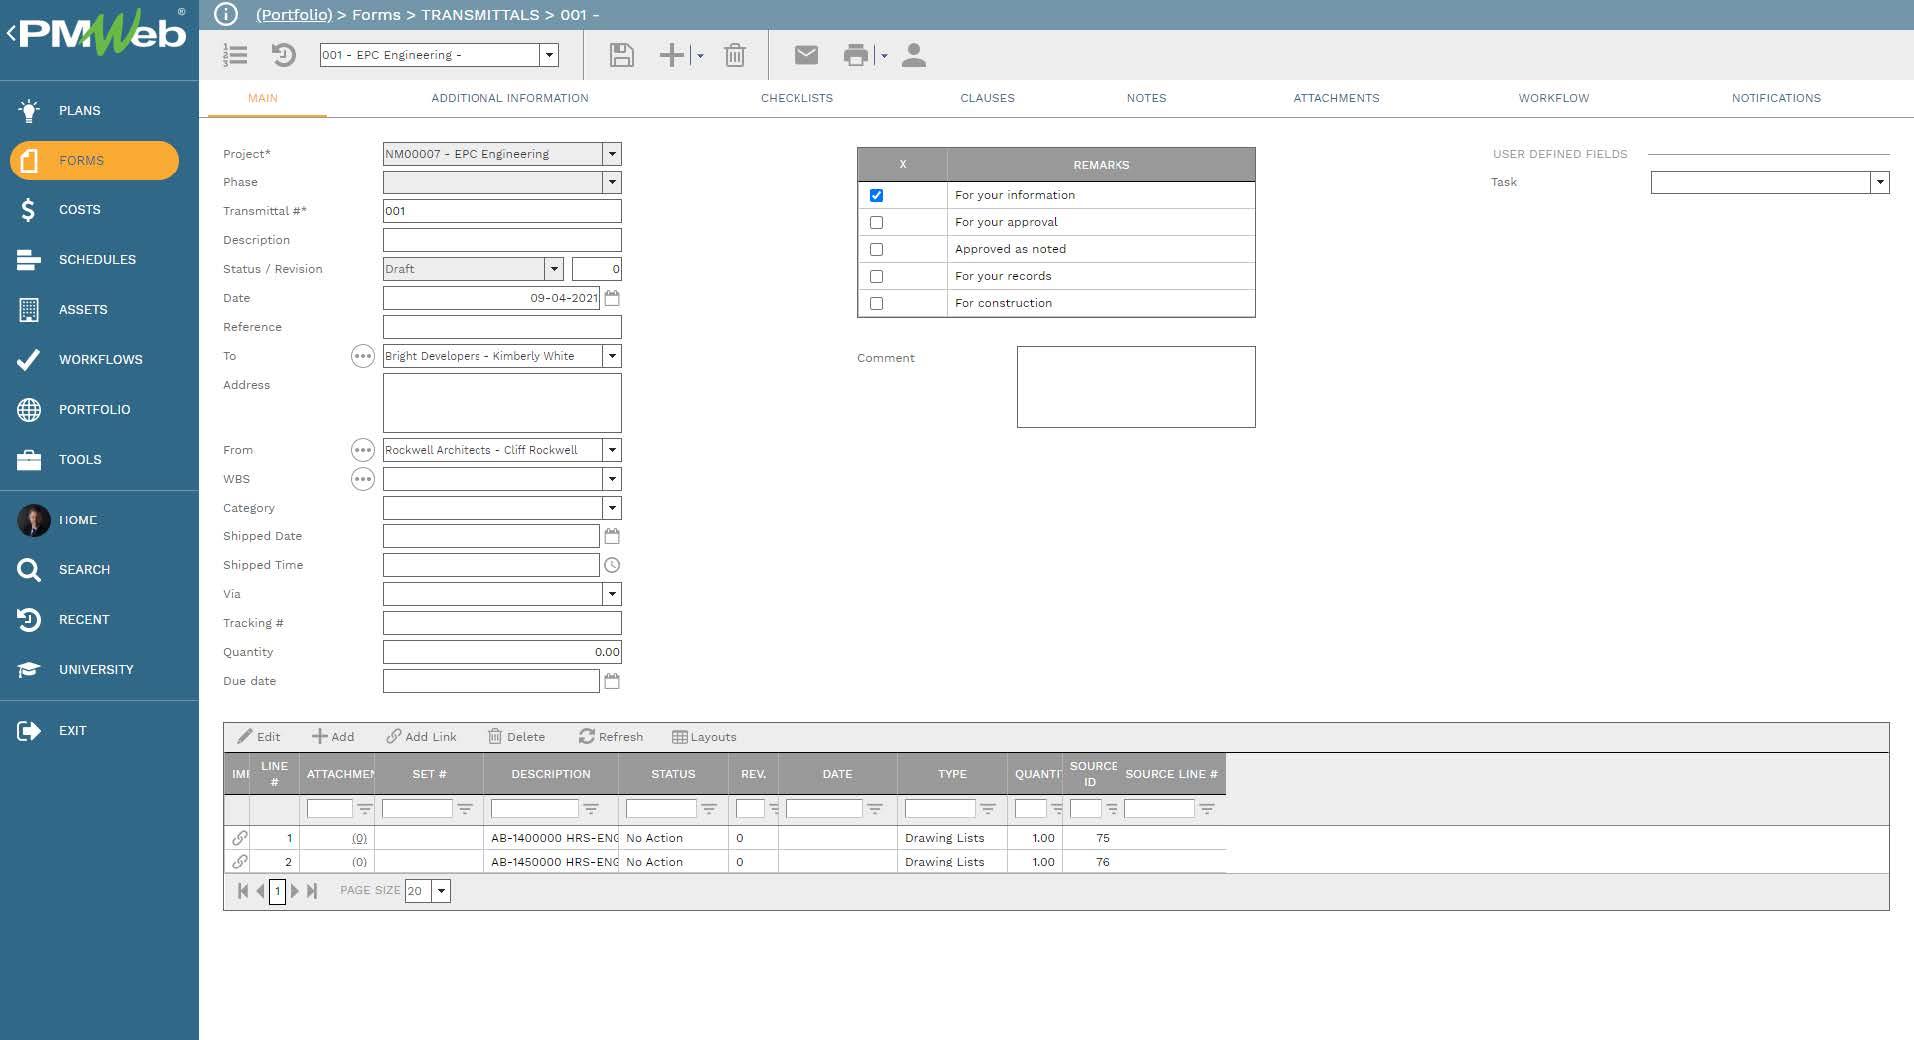 PMWeb 7 Forms Transmittals Main